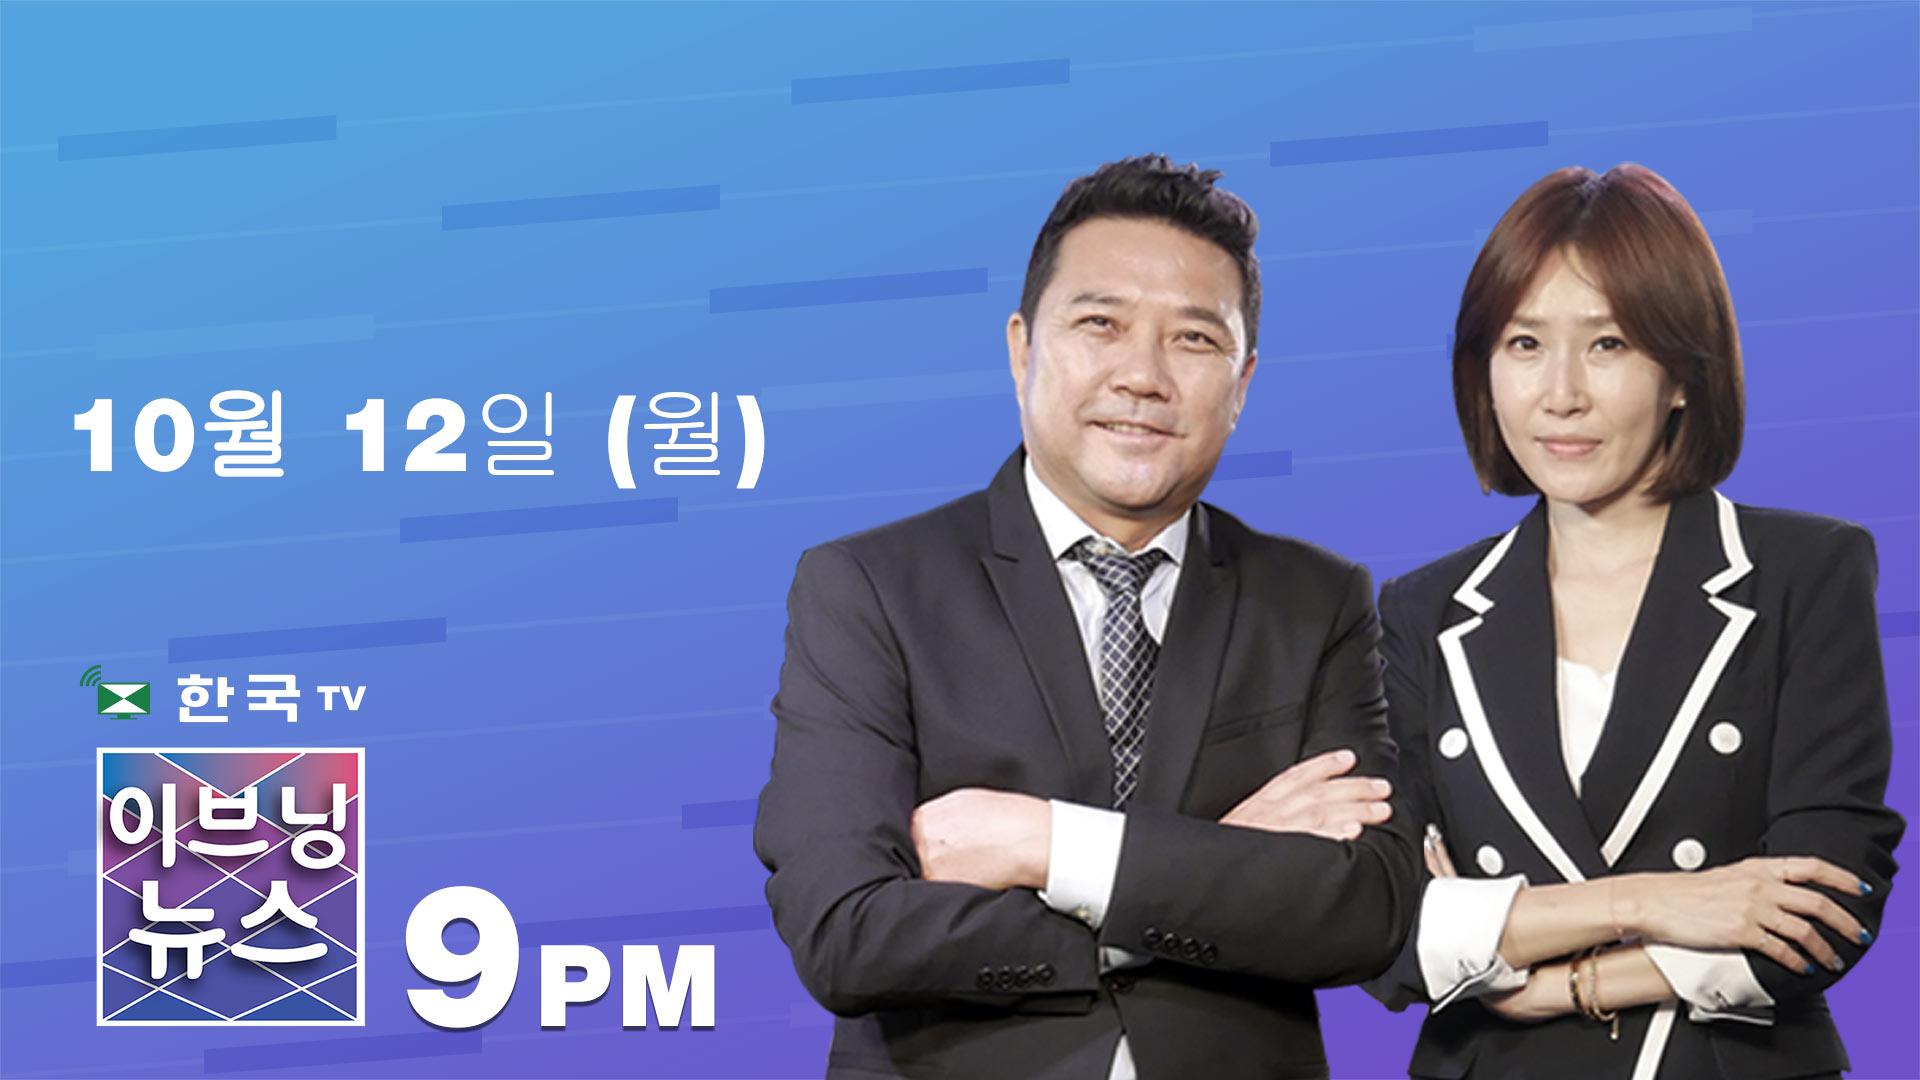 (10.12.2020) 한국TV 이브닝 뉴스